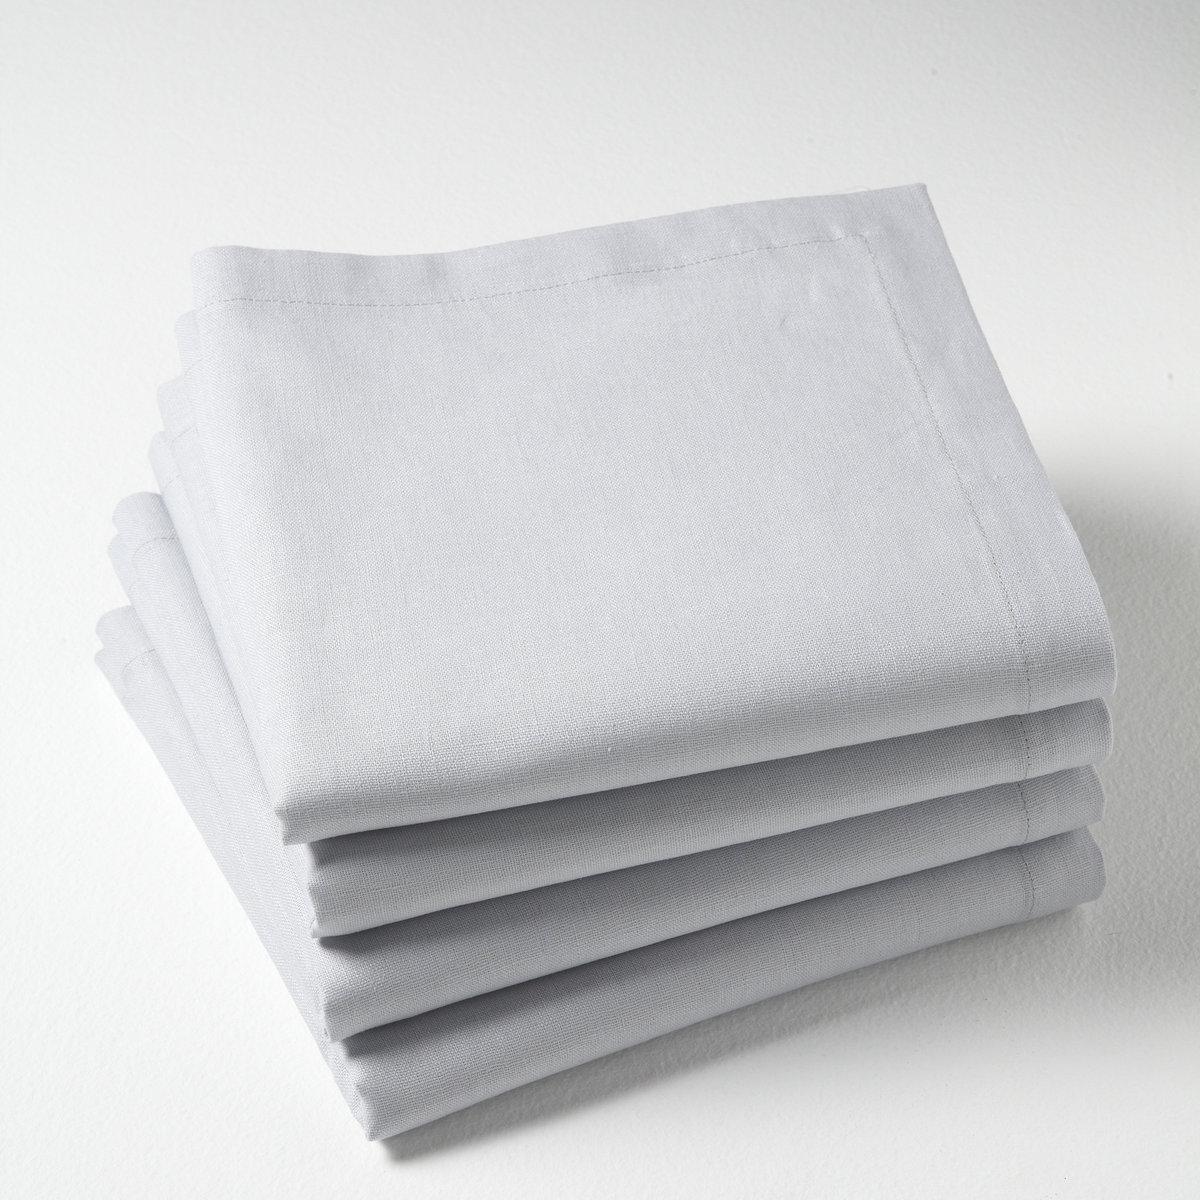 4 салфетки55% льна, 45% хлопка. 45 х 45 см. Элегантная простота! Красивая отделка краев.  Ширина каймы 2,5 см.Смесовая ткань, 55% льна, 45% хлопка. Стирка при 40°.<br><br>Цвет: бежевый,белый,светло-серый<br>Размер: 45 x 45  см.45 x 45  см